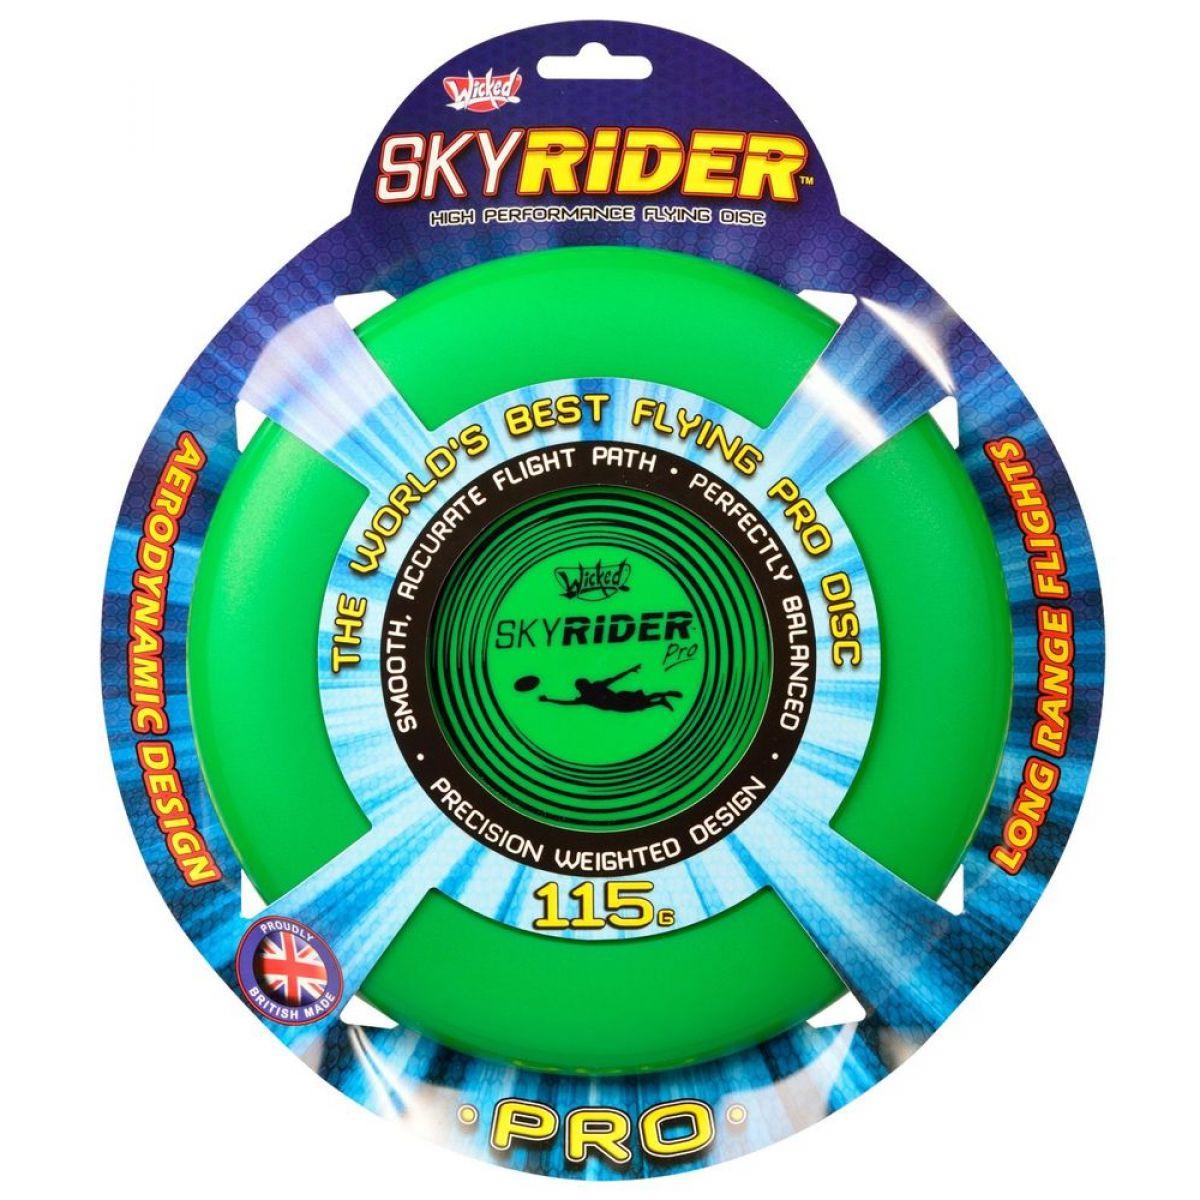 Wicked Sky Rider Pro talíř - Zelený